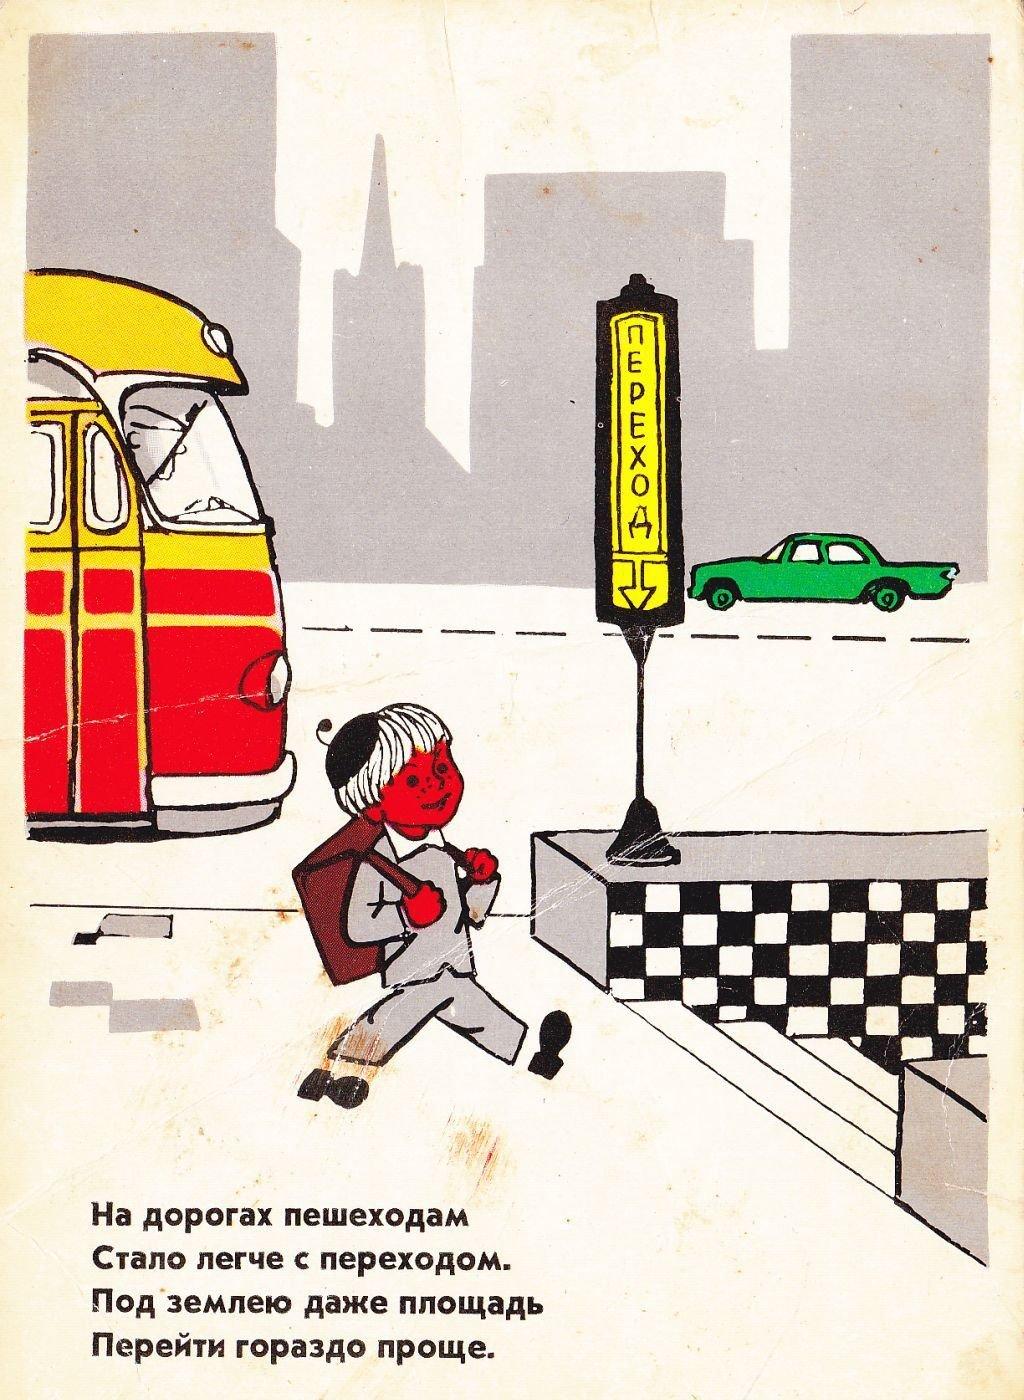 Картинки для, открытки для правилах дорожного движения